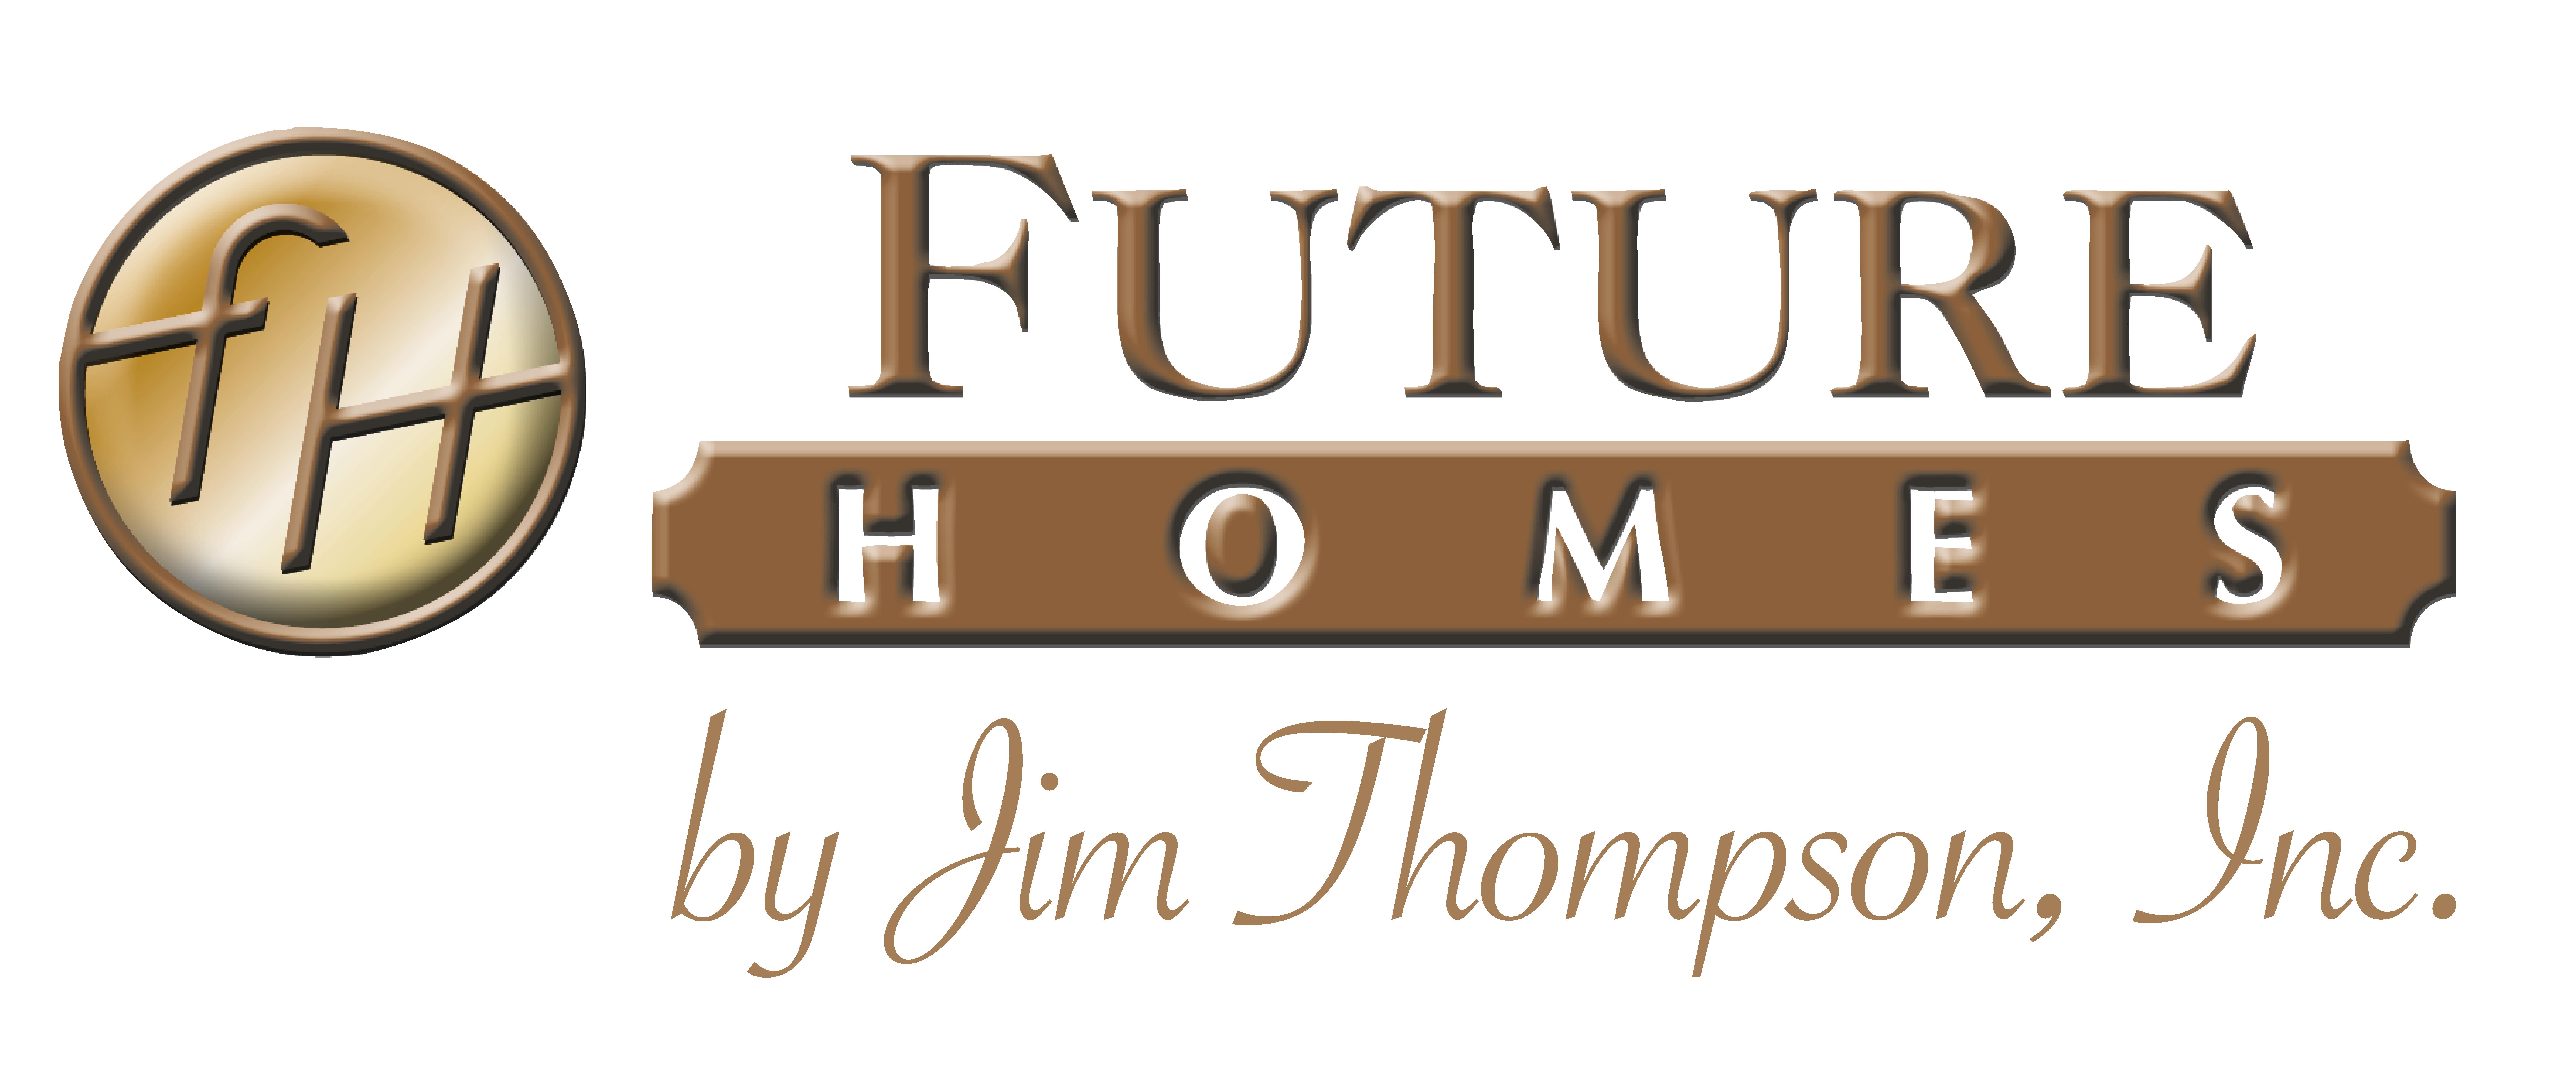 Sponsor Future Homes by Jim Thompson, Inc